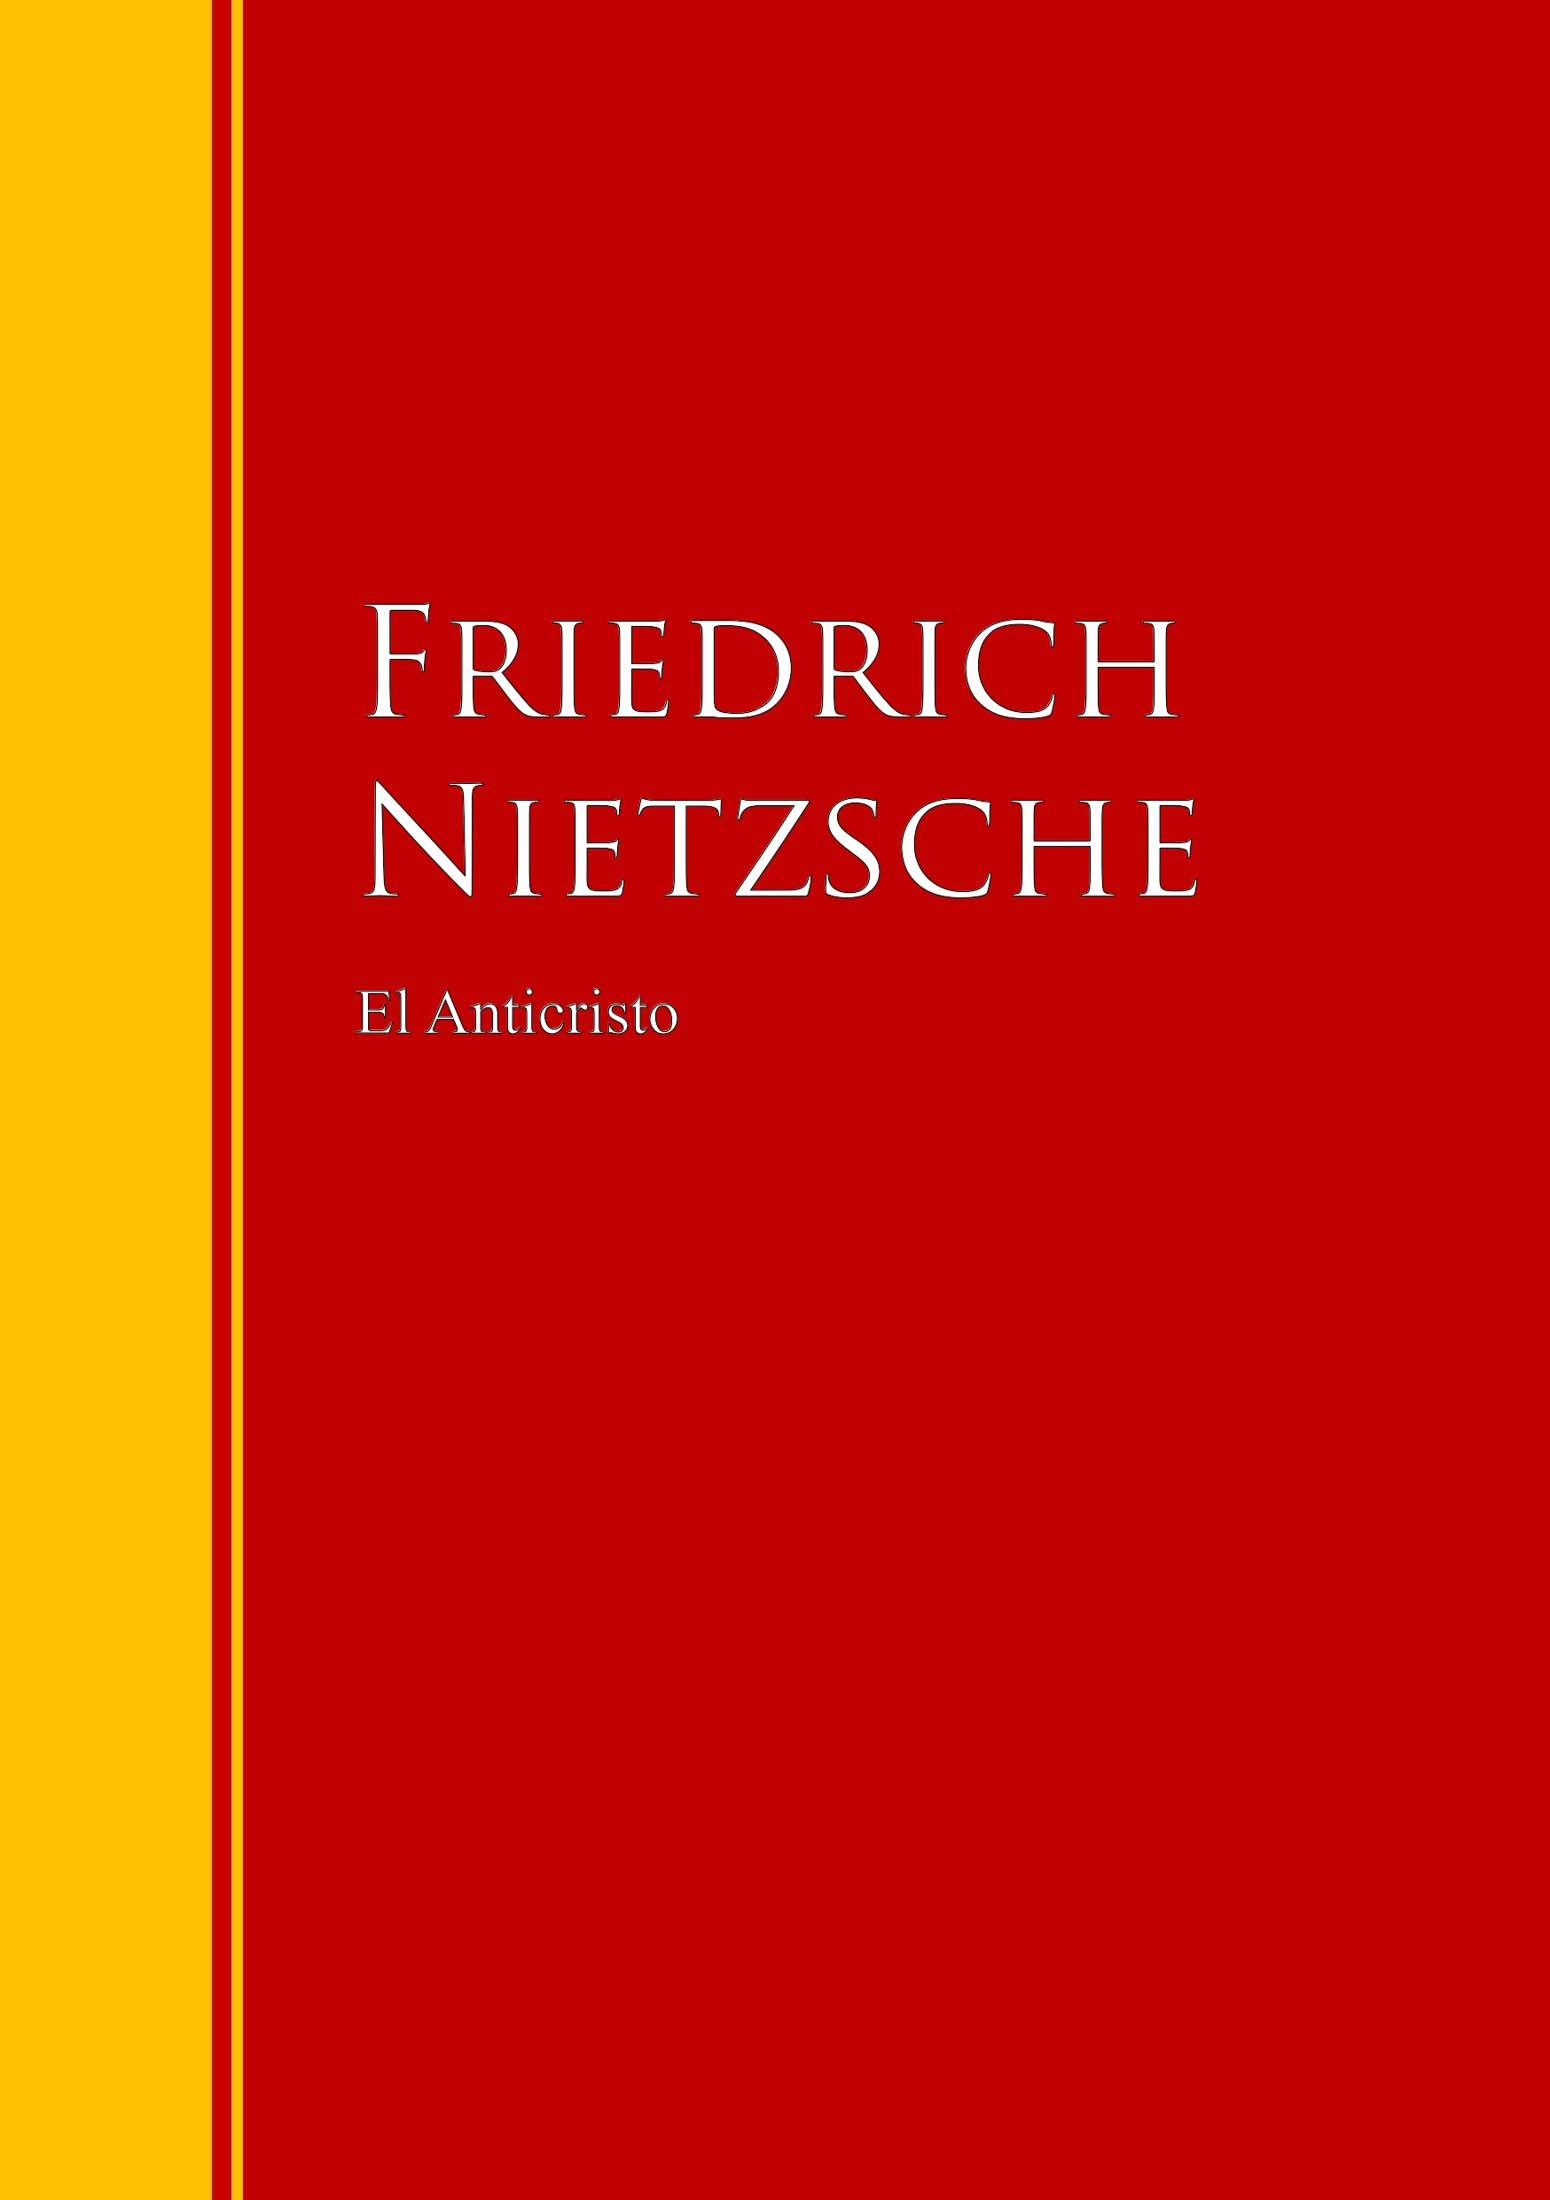 Friedrich Nietzsche El Anticristo